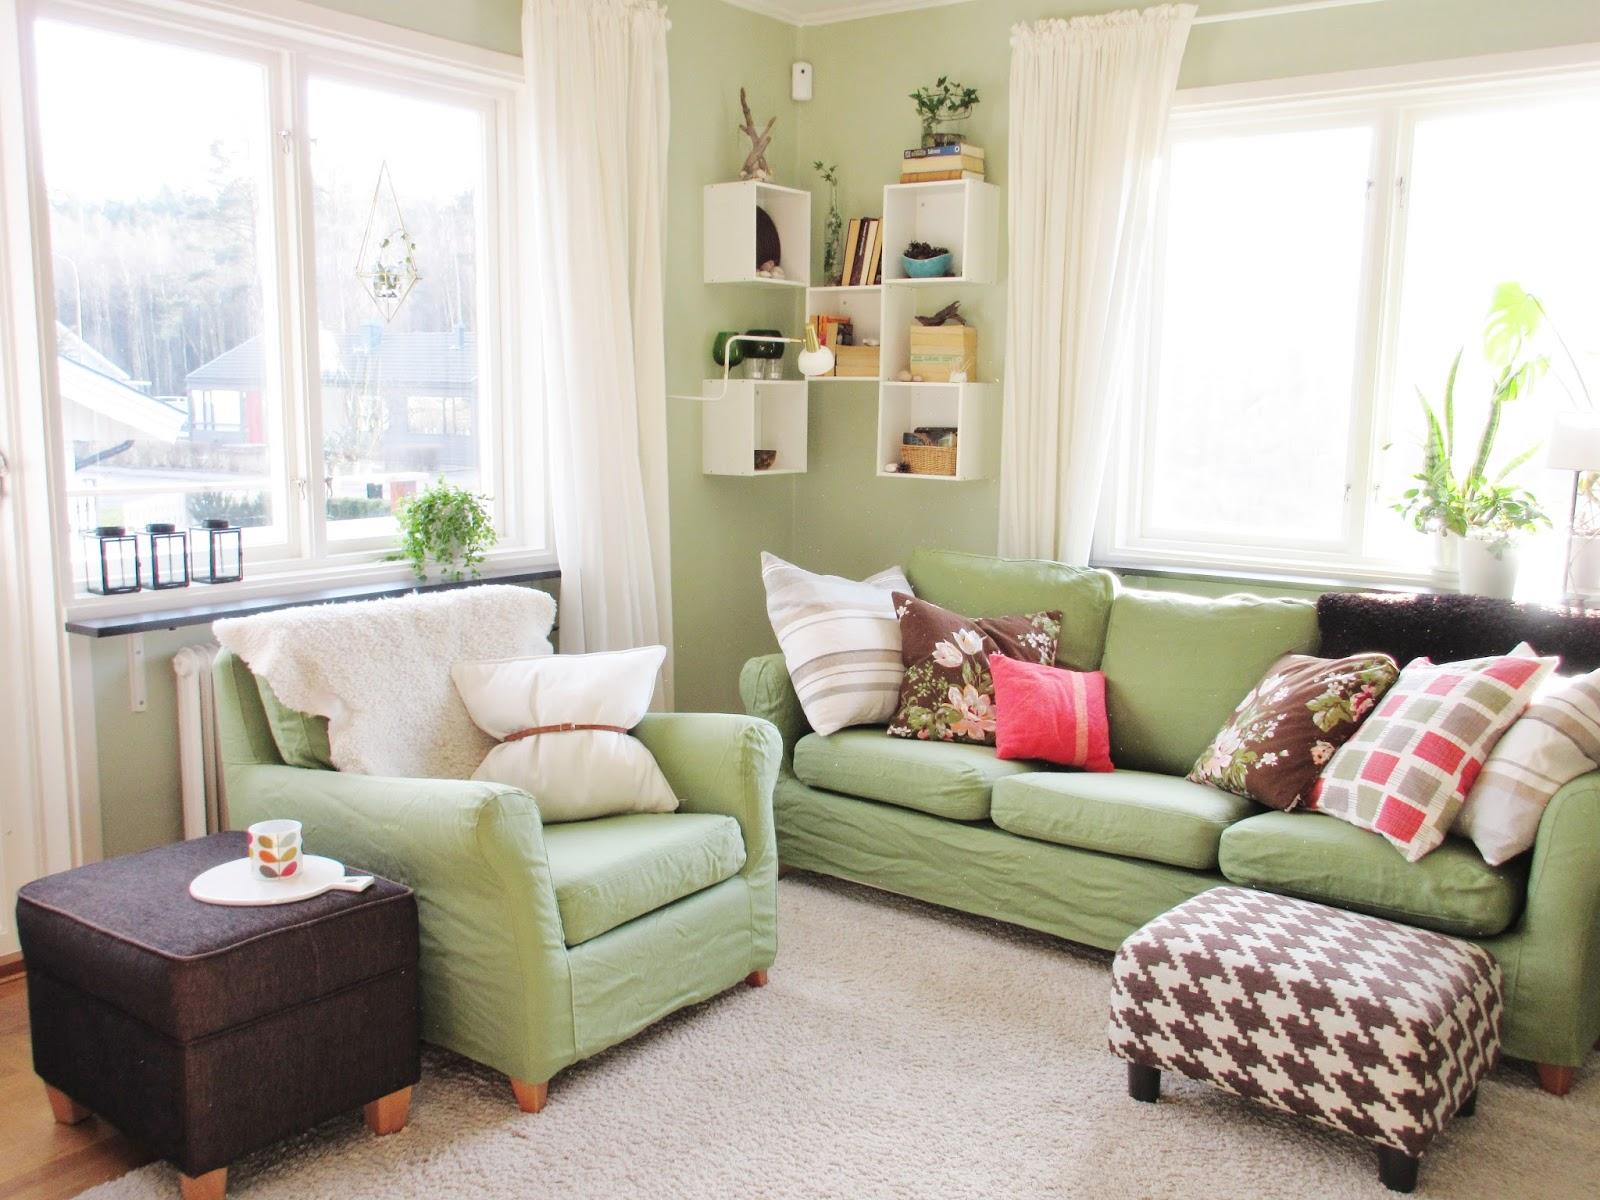 Pias planer: i väntan på våran nya soffa